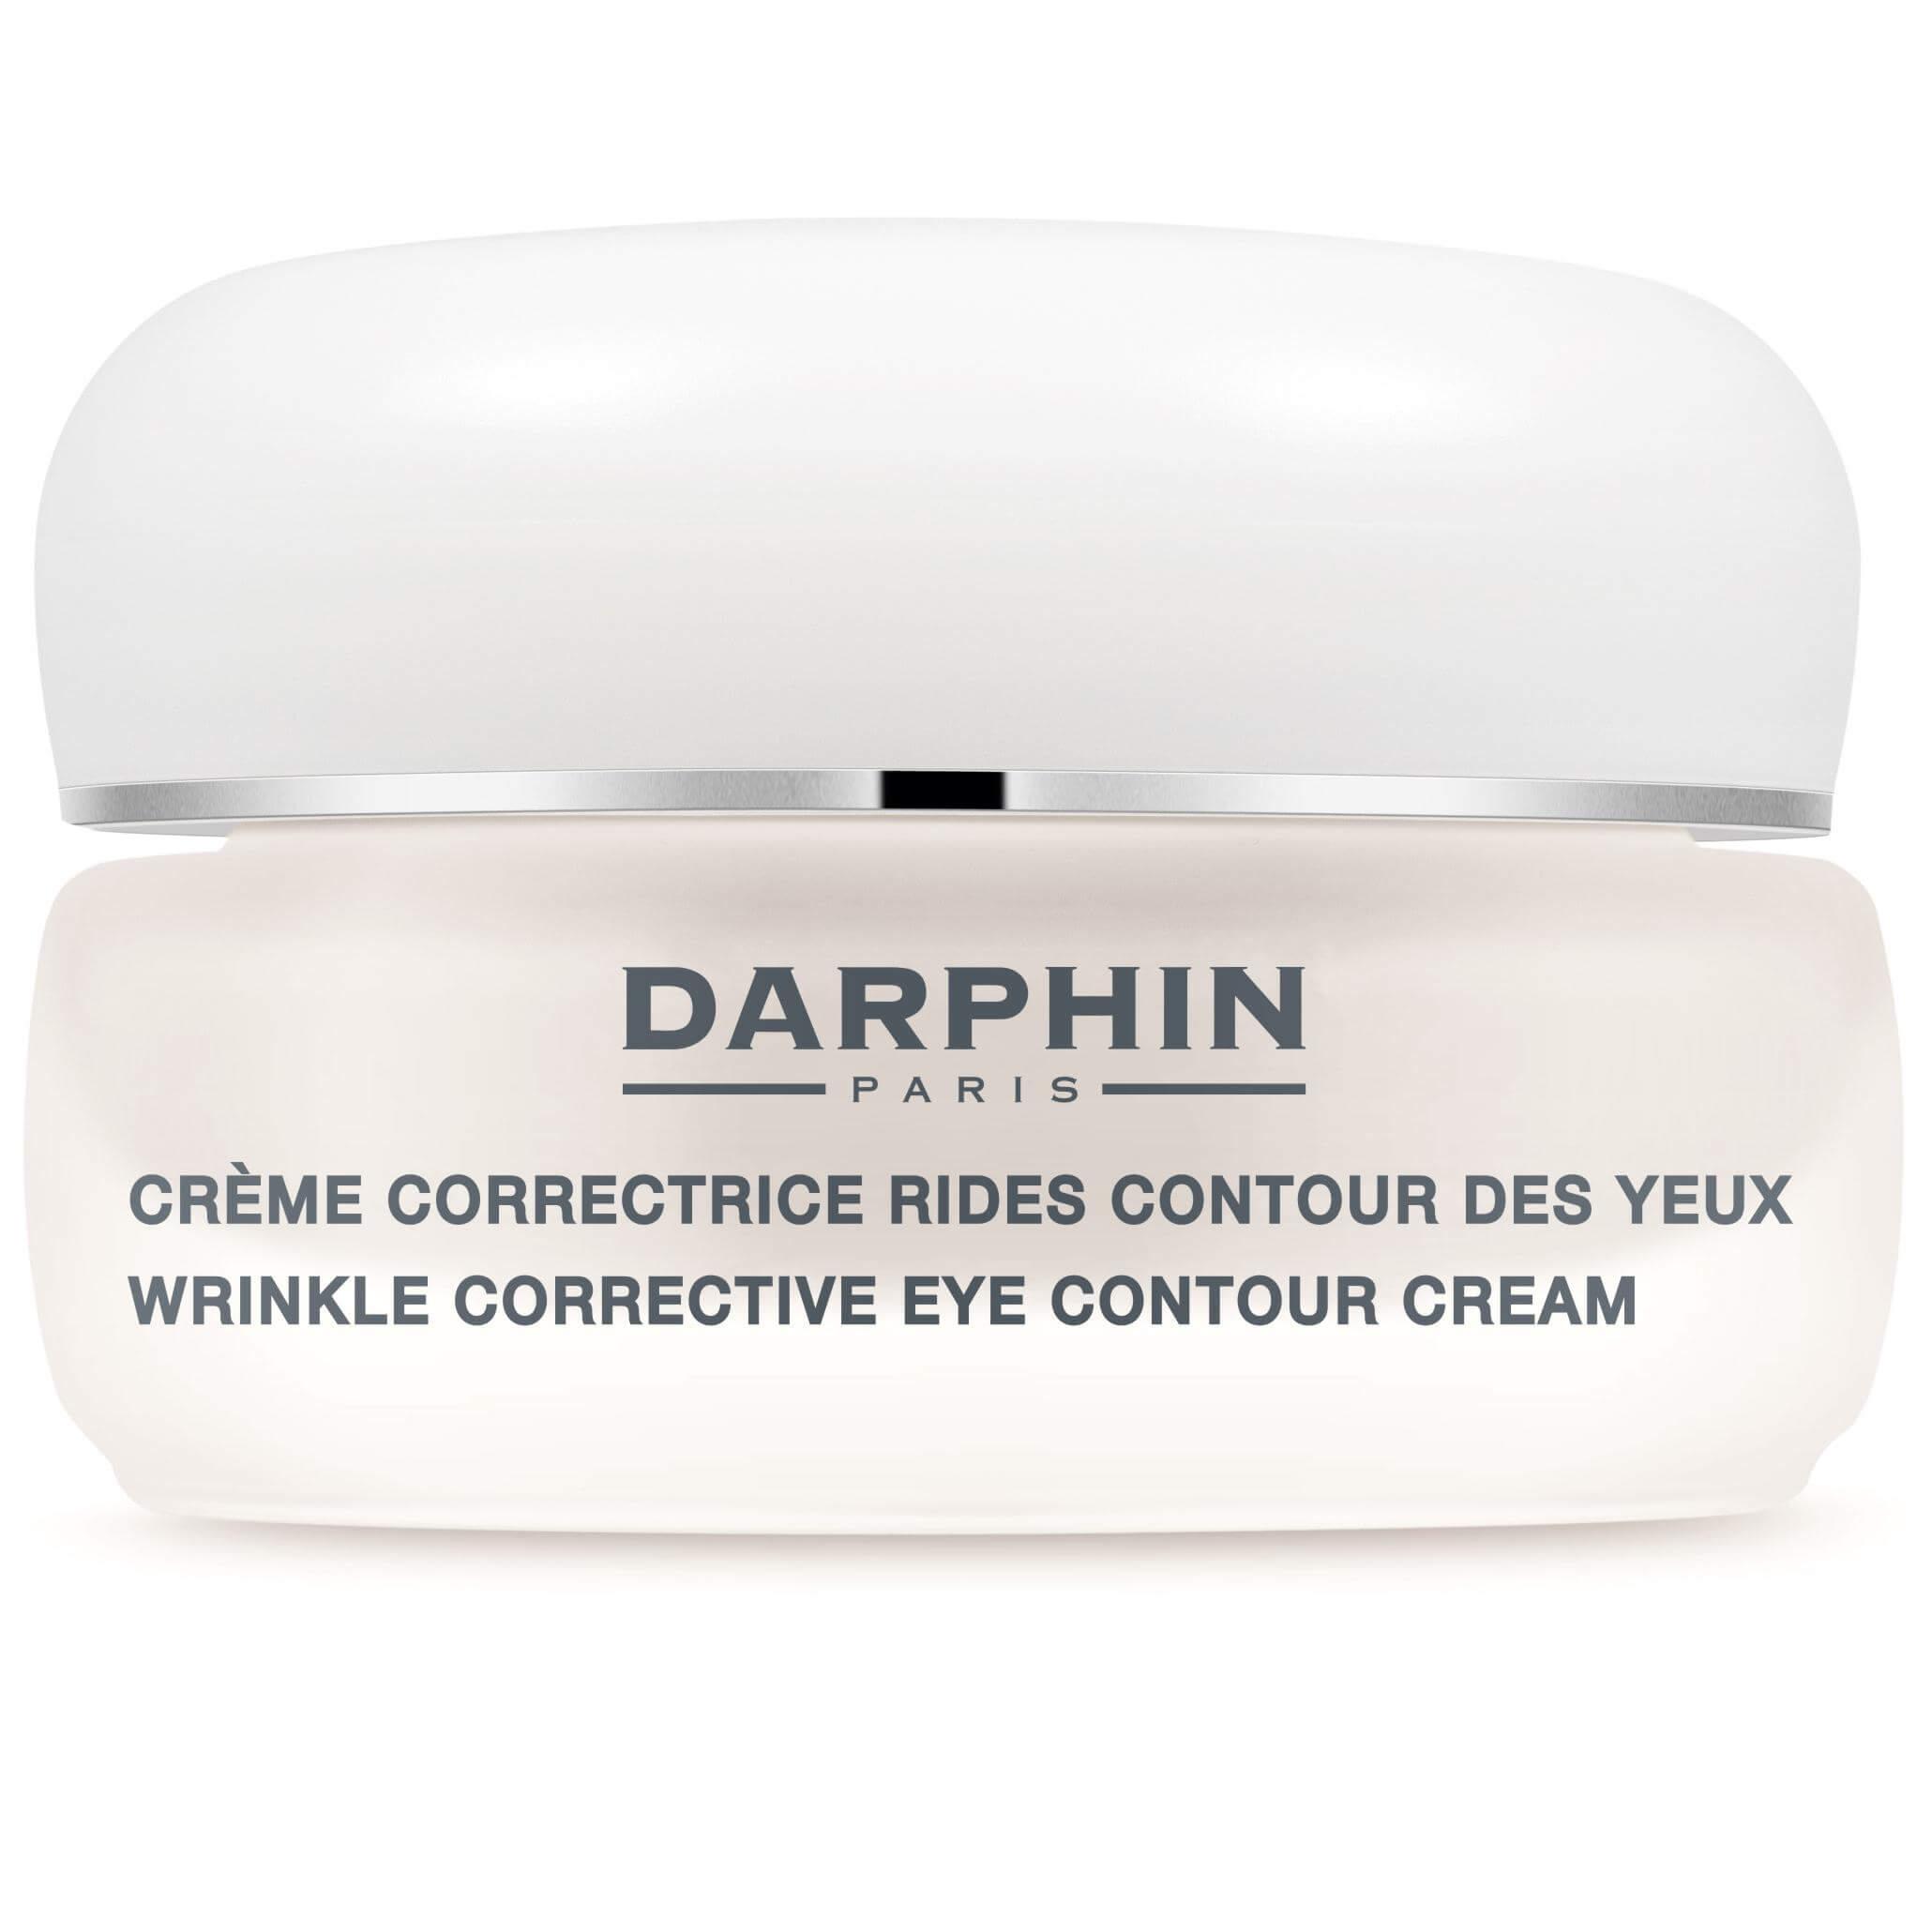 Darphin Wrinkle Corrective Eye Contour Cream Αντιρυτιδική Κρέμα Ματιών που Ανανεώνει Ορατά τη Φυσική Λάμψη 15ml